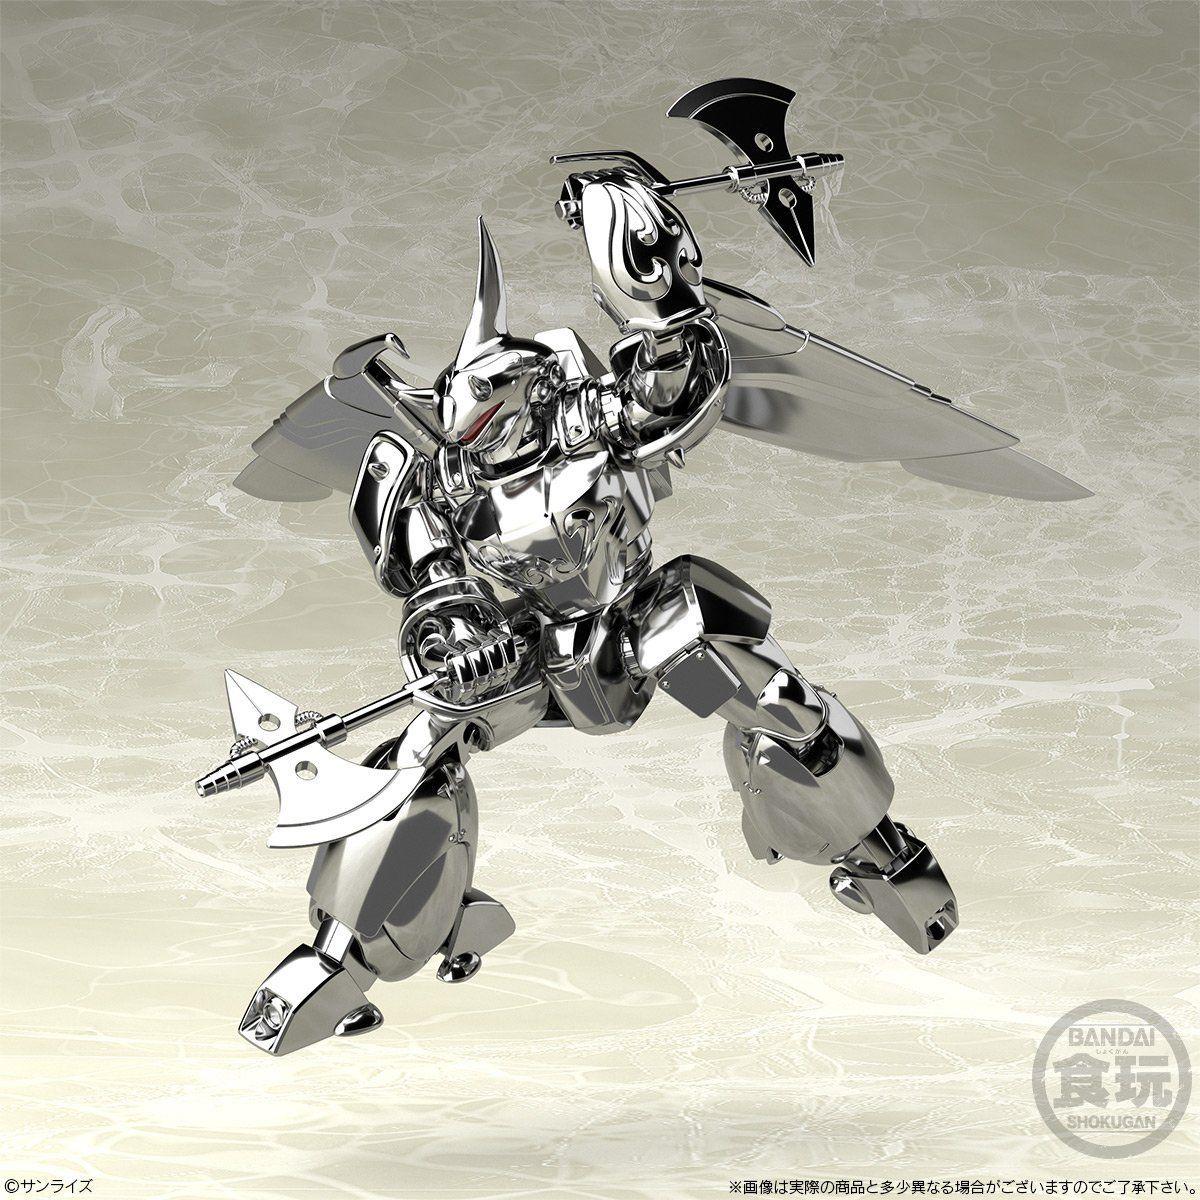 スーパーミニプラ『飛甲兵ウィンガル・ジー ハイ・シャルタット機|機甲界ガリアン』プラモデル-005